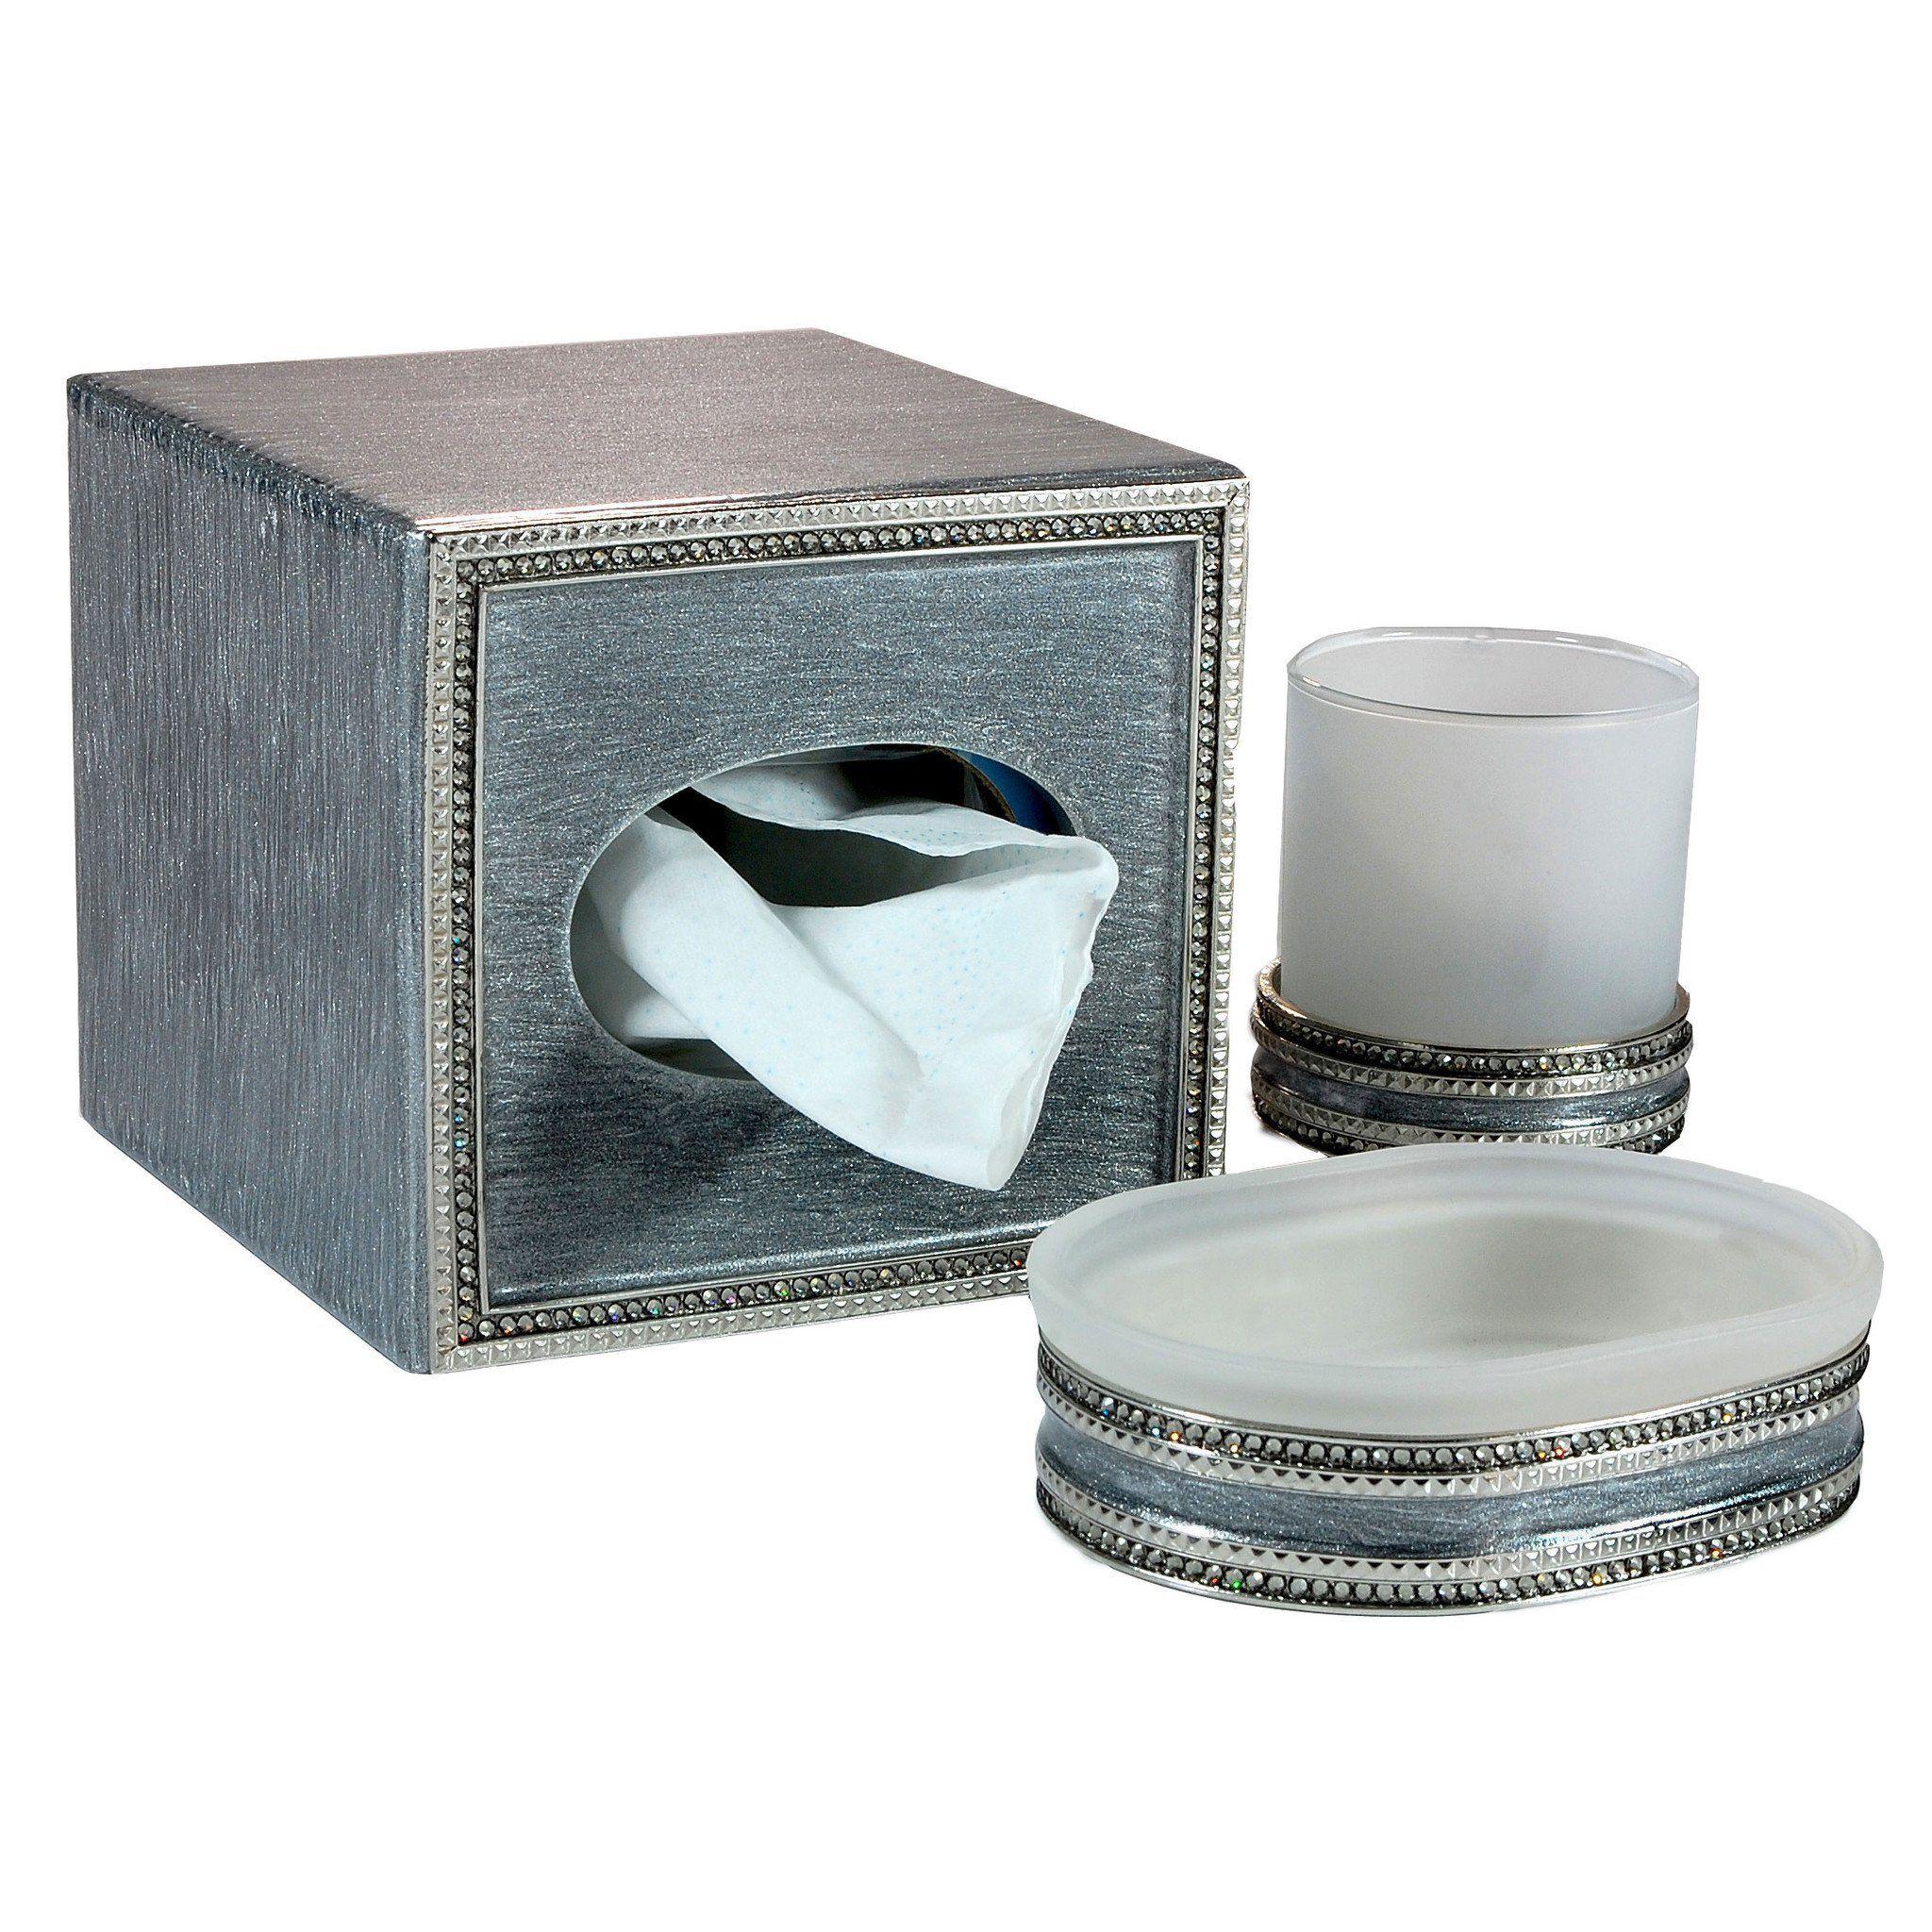 Mike And Ally Empire Bath Accessories Platinum Silver Black Diamond